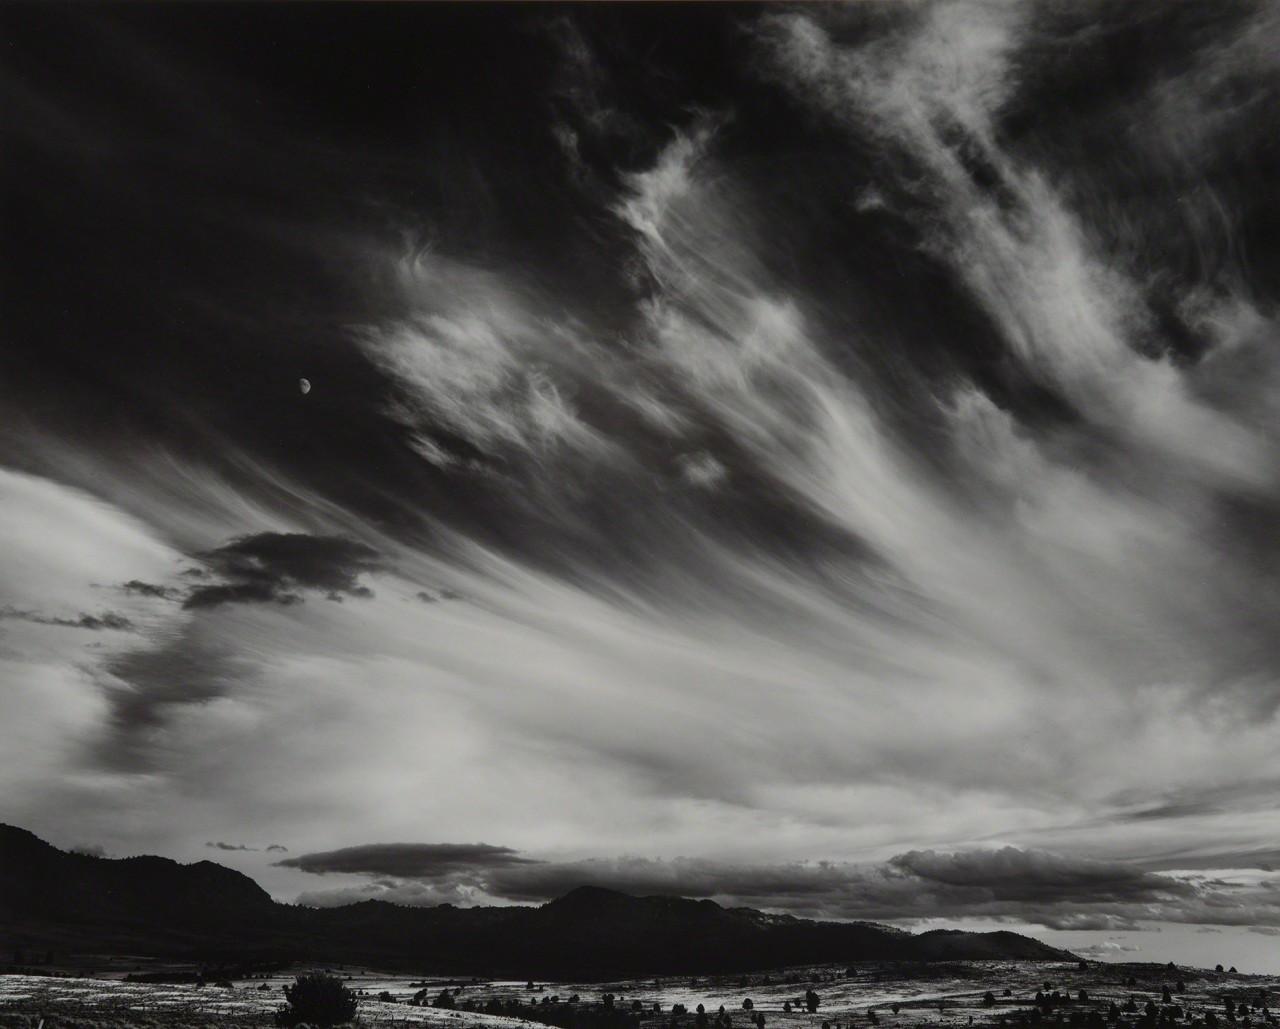 Луна и облака, Северная Калифорния, 1959. Фотограф Энсел Адамс